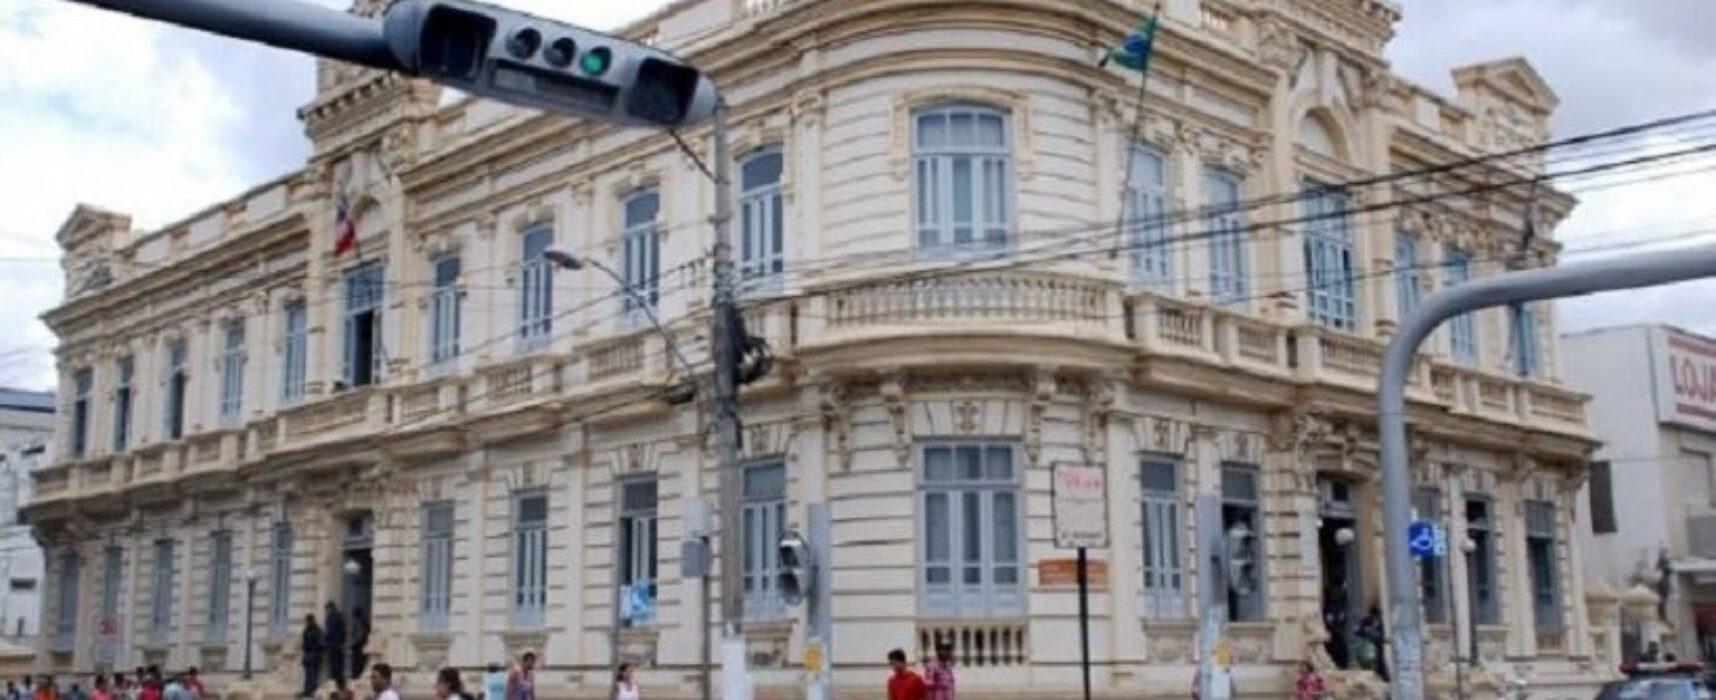 Após convocação, servidores municipais de Feira devem voltar ao trabalho presencial